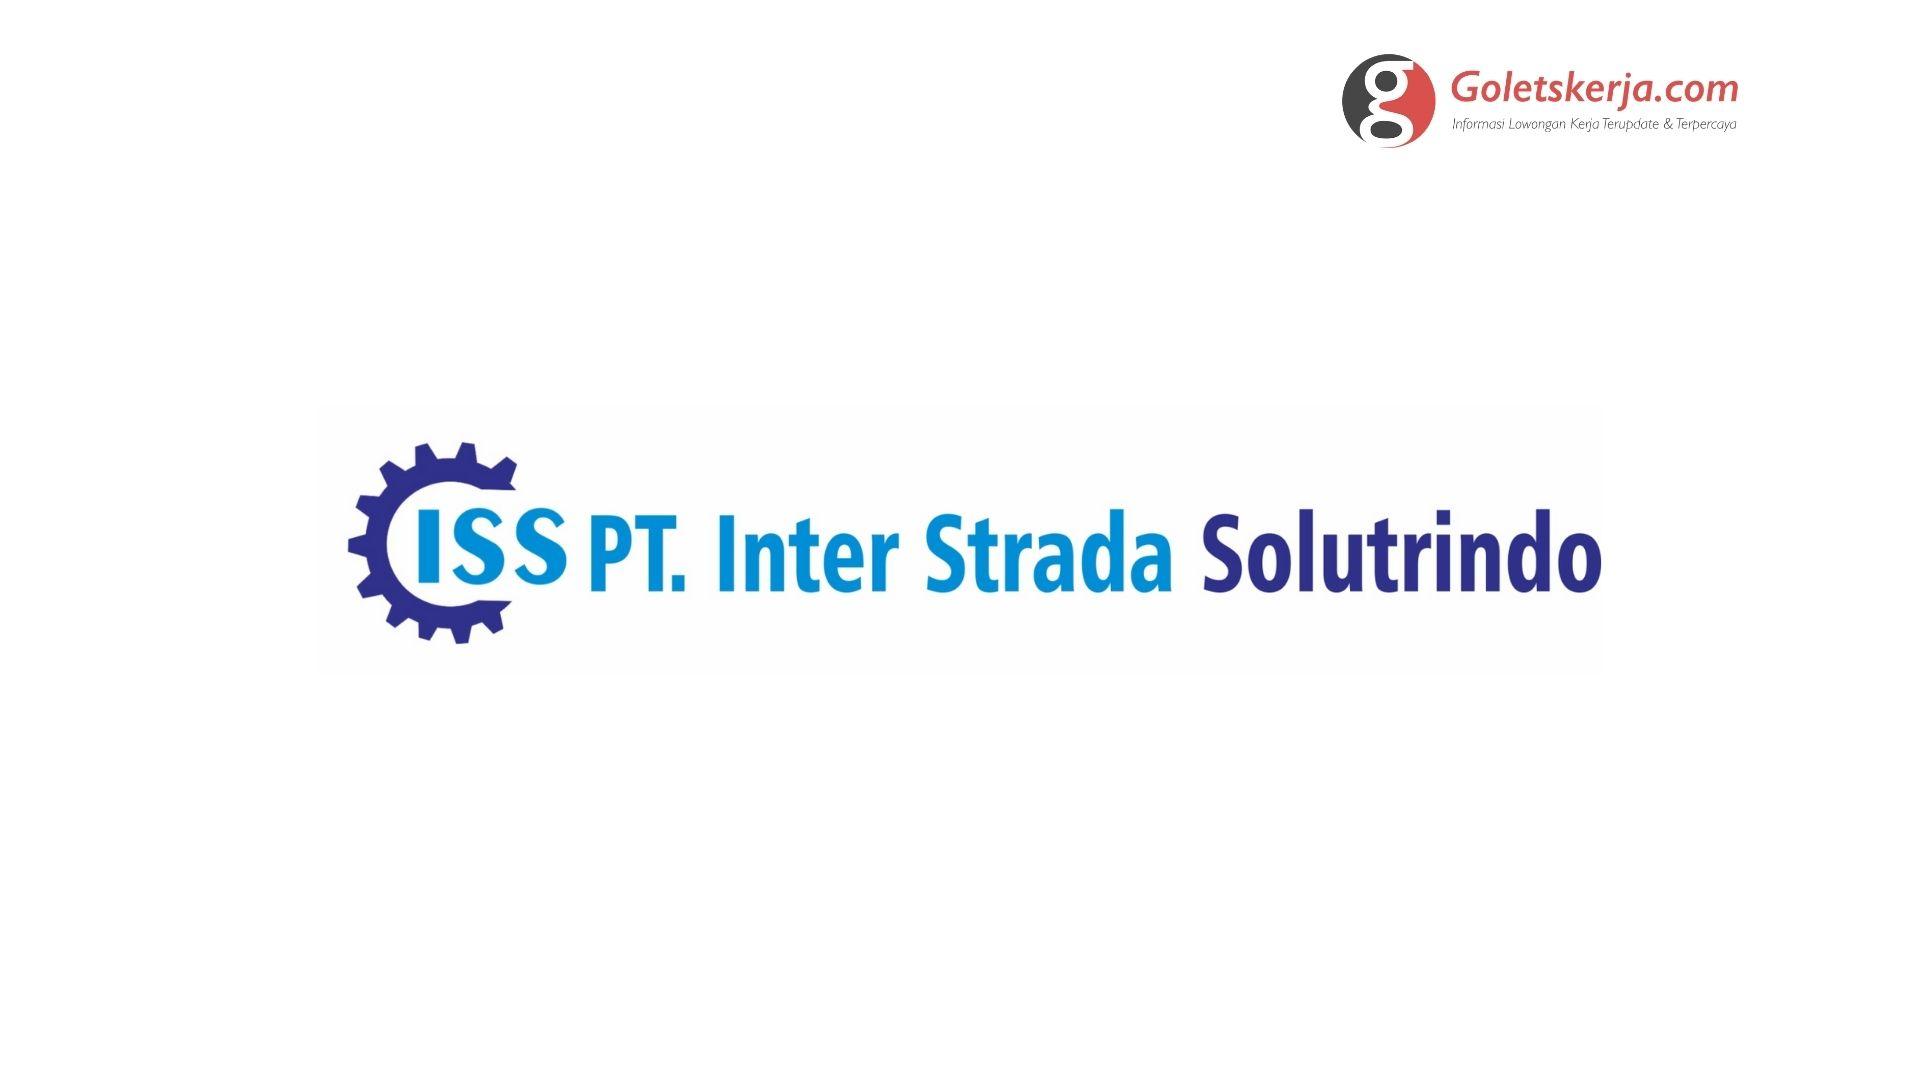 Sertifikasi PT. Inter Strada Solutrind | Oktober 2021